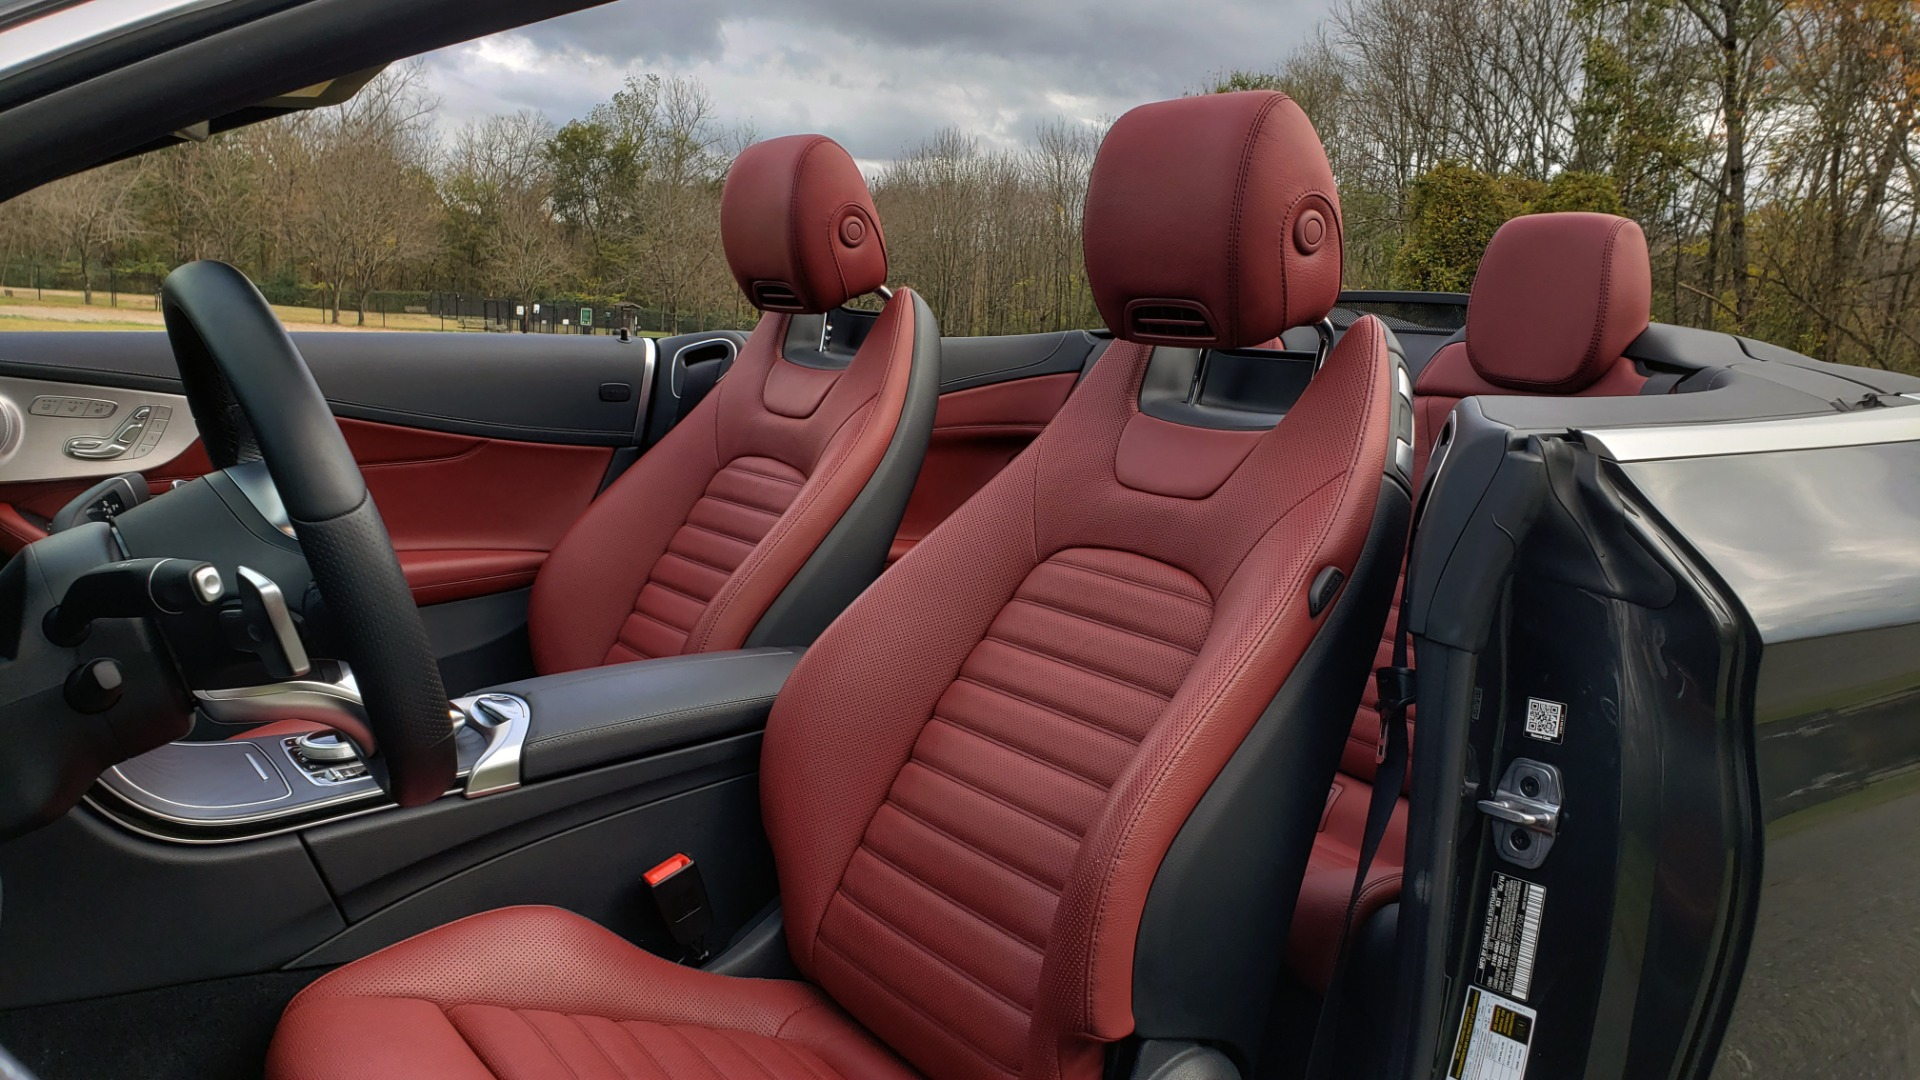 Used 2019 Mercedes-Benz C-CLASS C 300 CABRIOLET / PREM PKG / NAV / BURMESTER / MULTIMEDIA for sale $49,995 at Formula Imports in Charlotte NC 28227 32